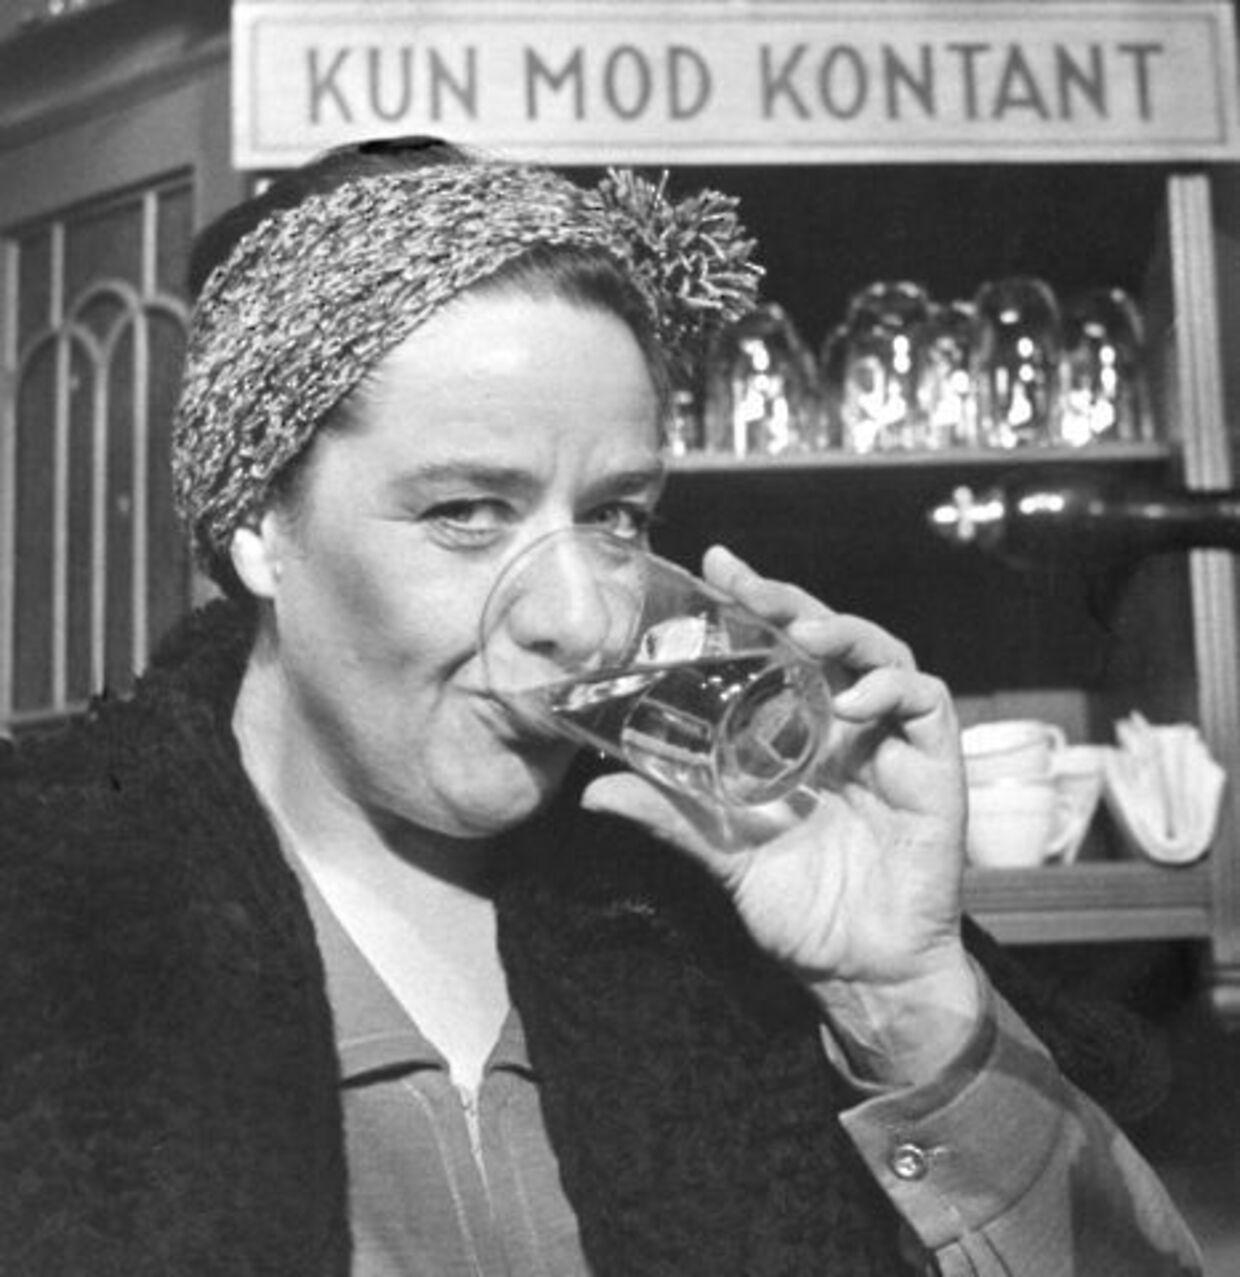 Bodil Udsen som de fleste husker hende - som værtshusholderen Emma i Huset på Christianshavn.